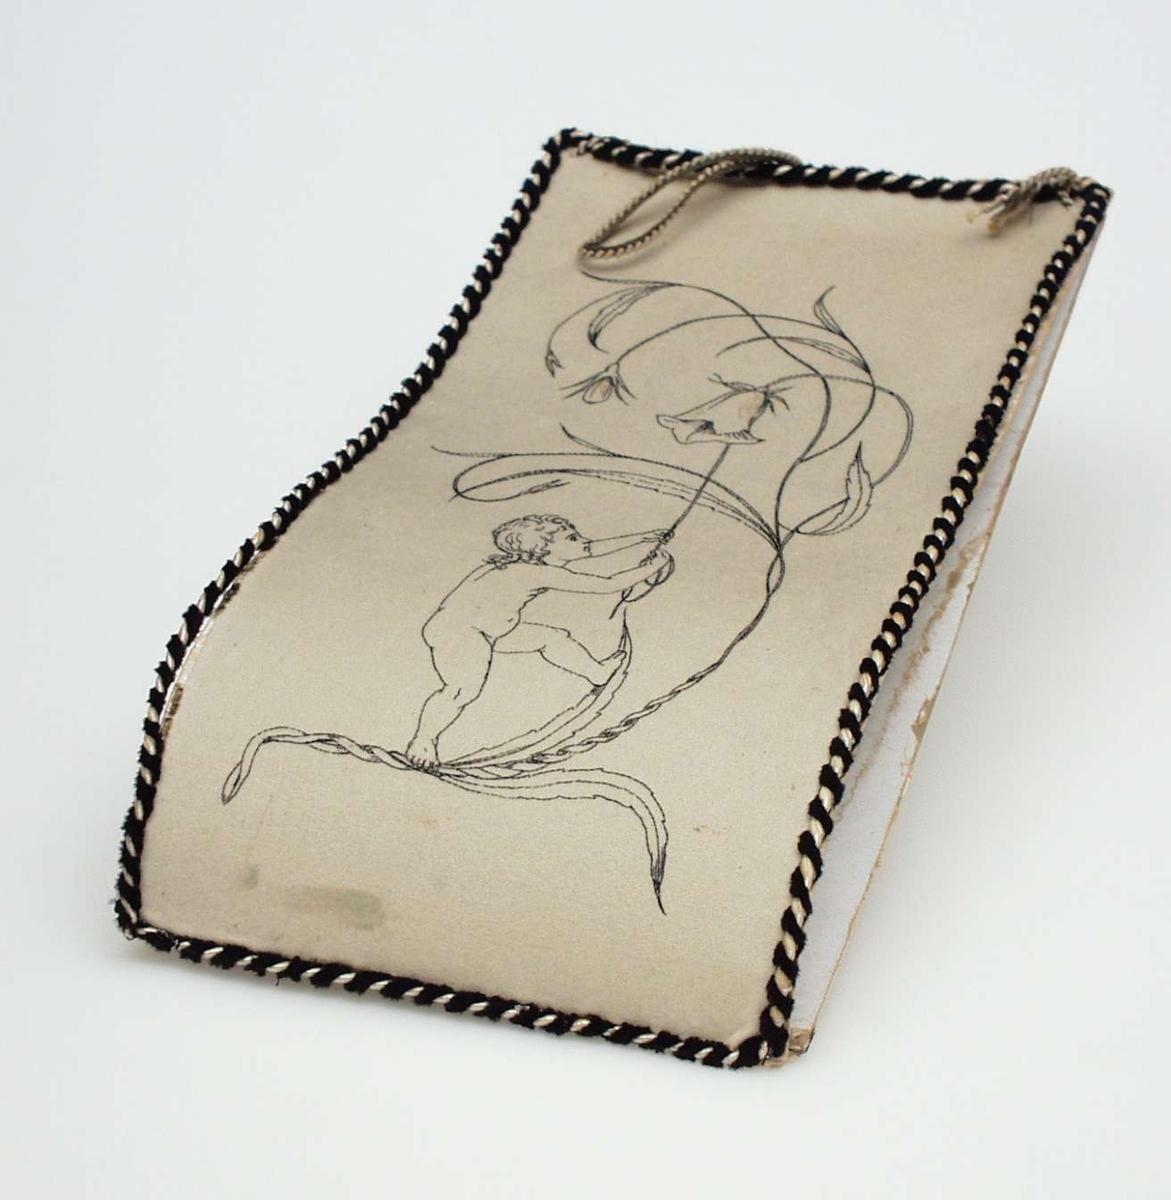 Lys grå avisholder av papp med filtovertrekk. Den har brodert motiv av en gutt som ringer med en blåklokke. Lys silkesnor viklet med smalt fløyelsbånd, kanter mappen. Bånd for opphenging.